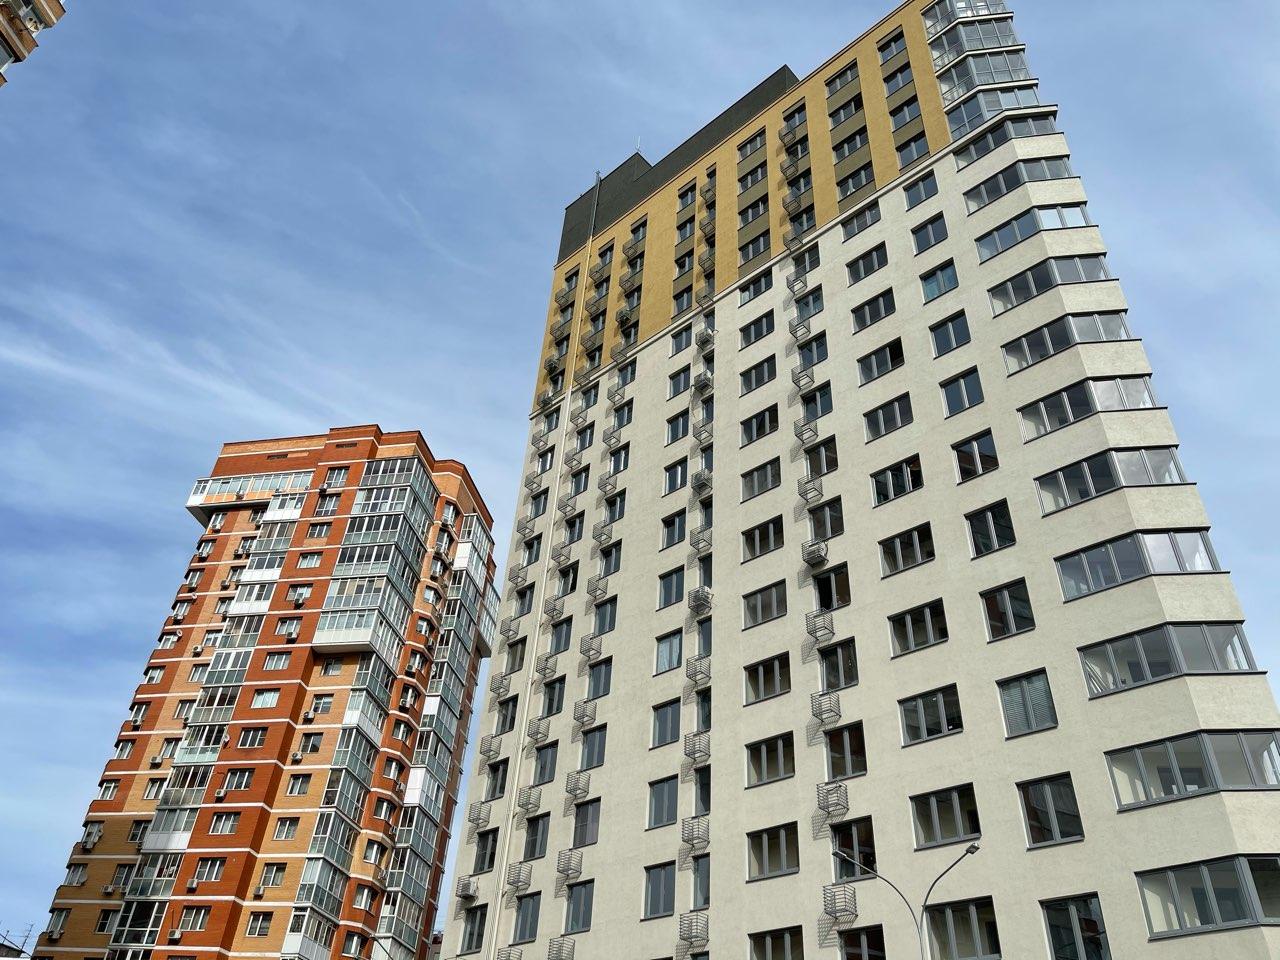 Количество сделок ДДУ начало сокращаться в Нижегородской области - фото 1